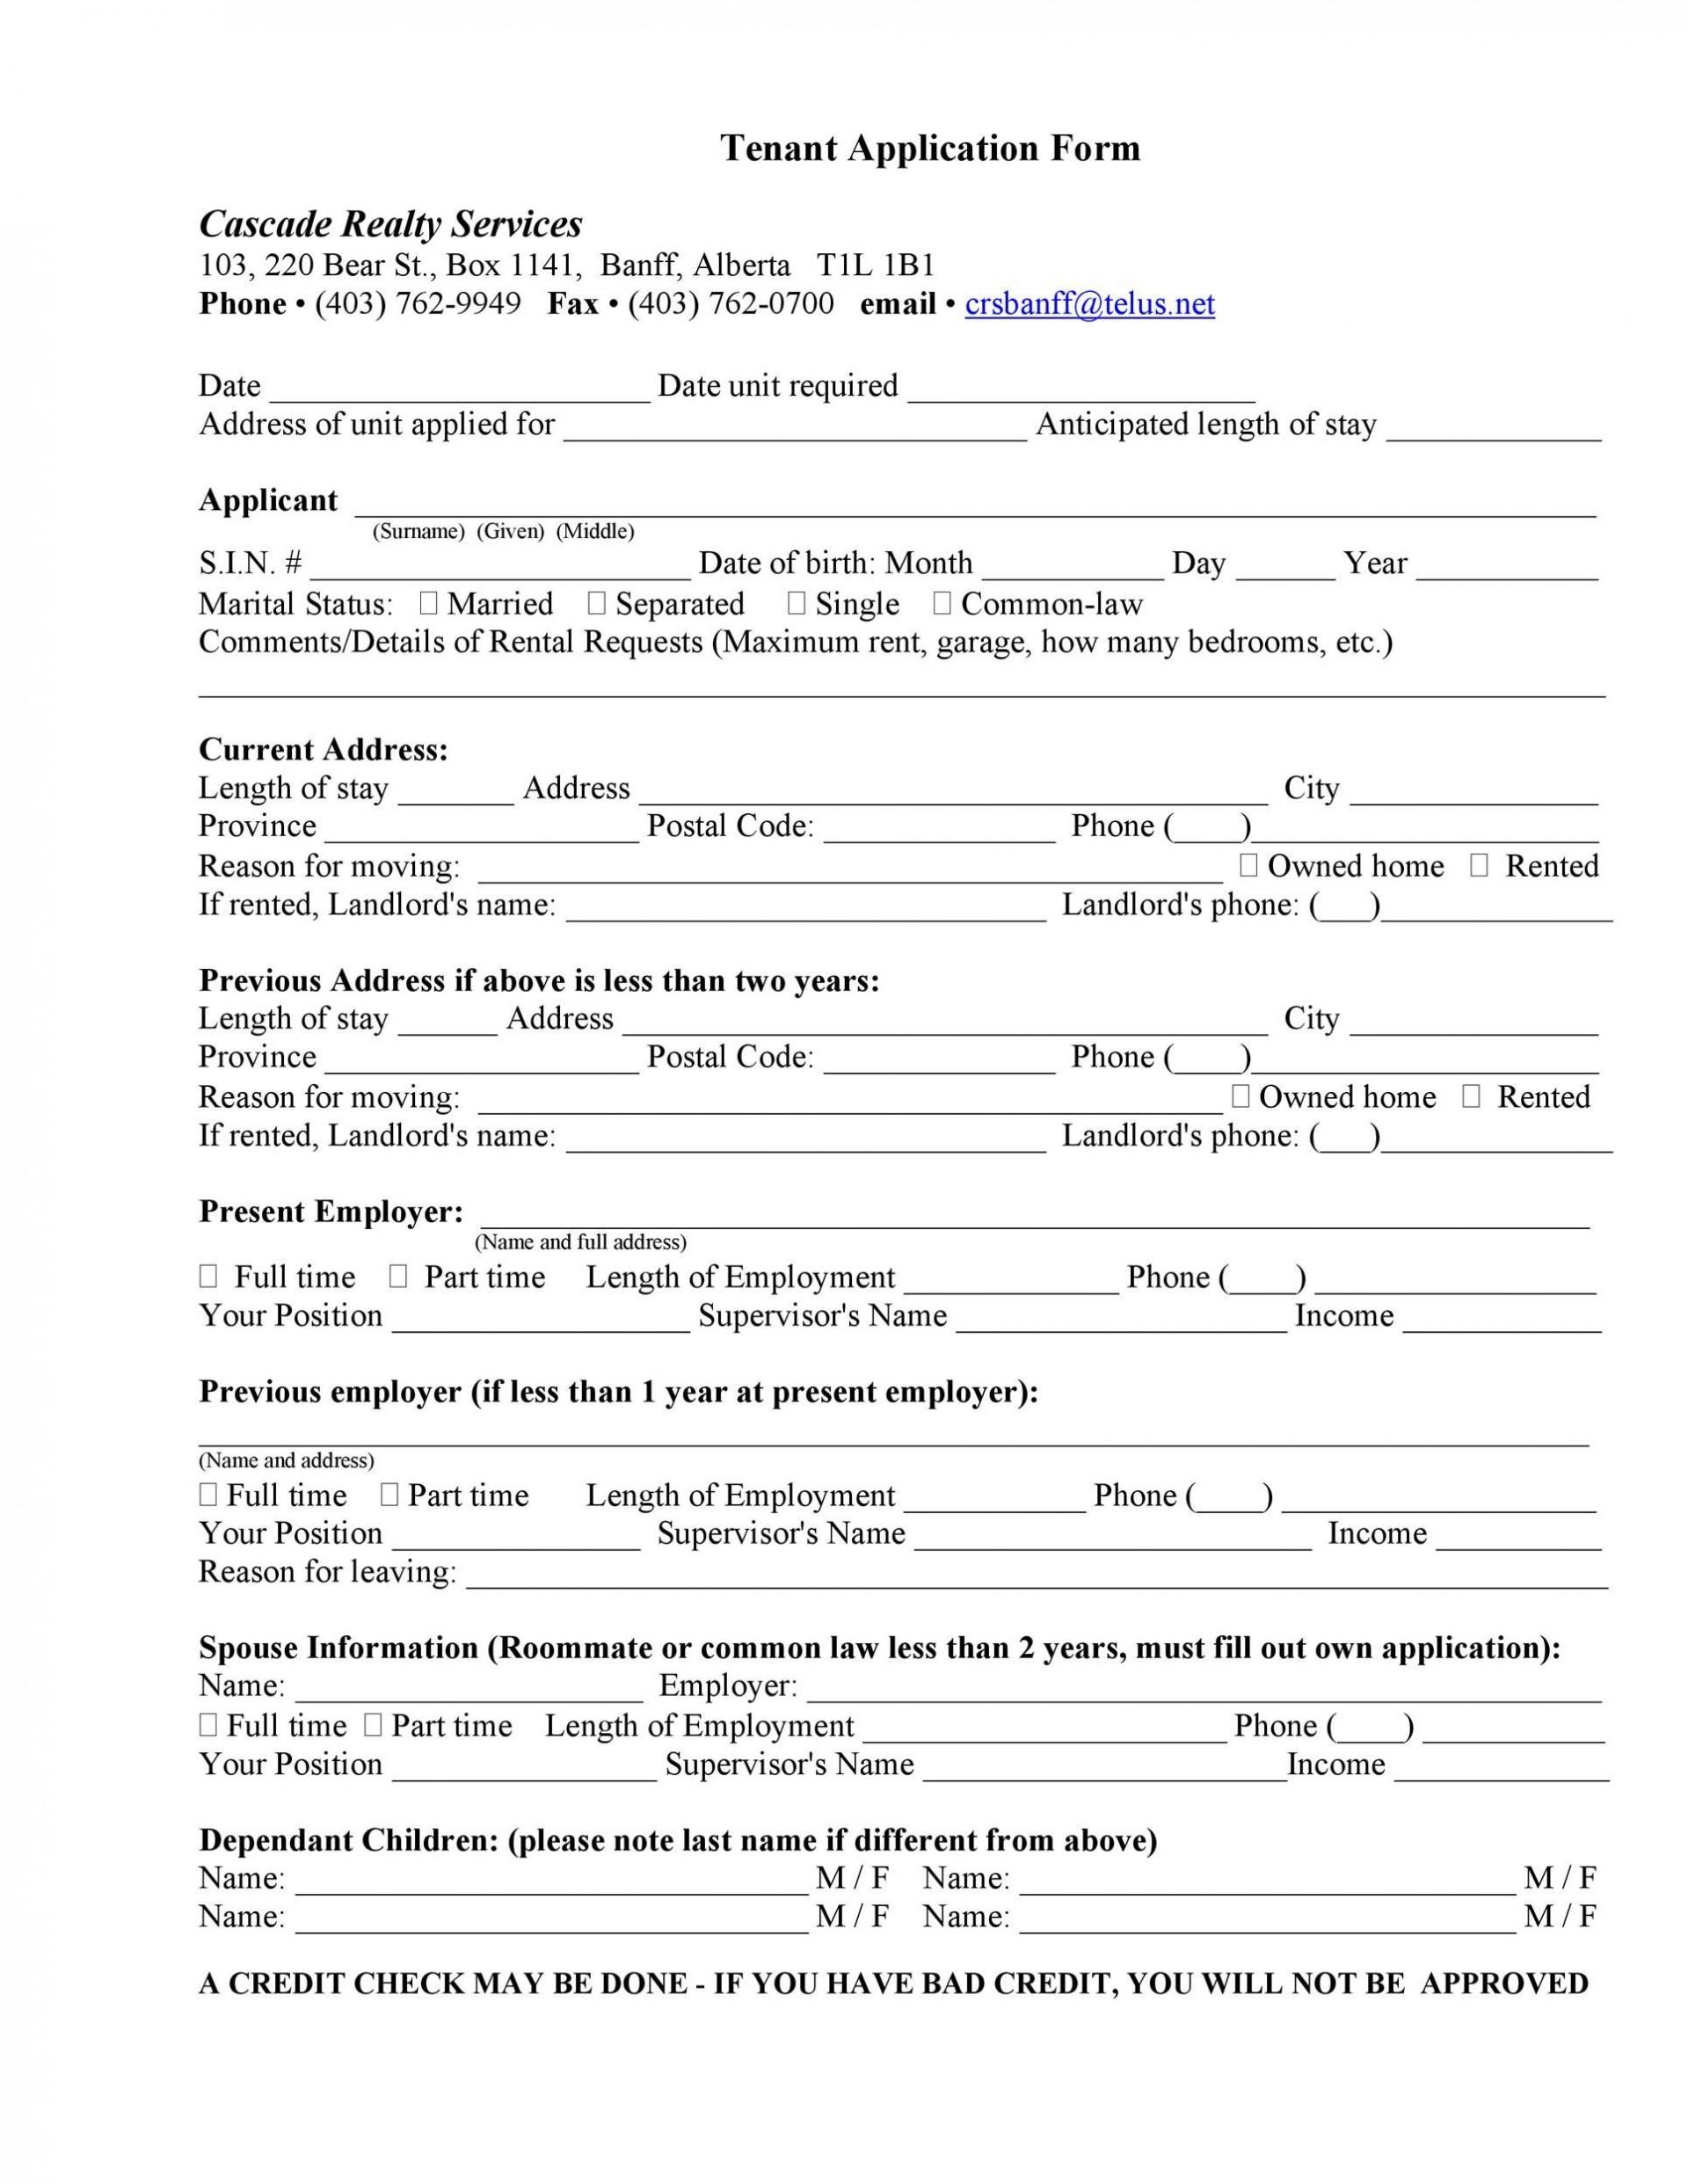 007 Remarkable Free Rental Application Template Highest Quality  Form Oregon Credit Online1920